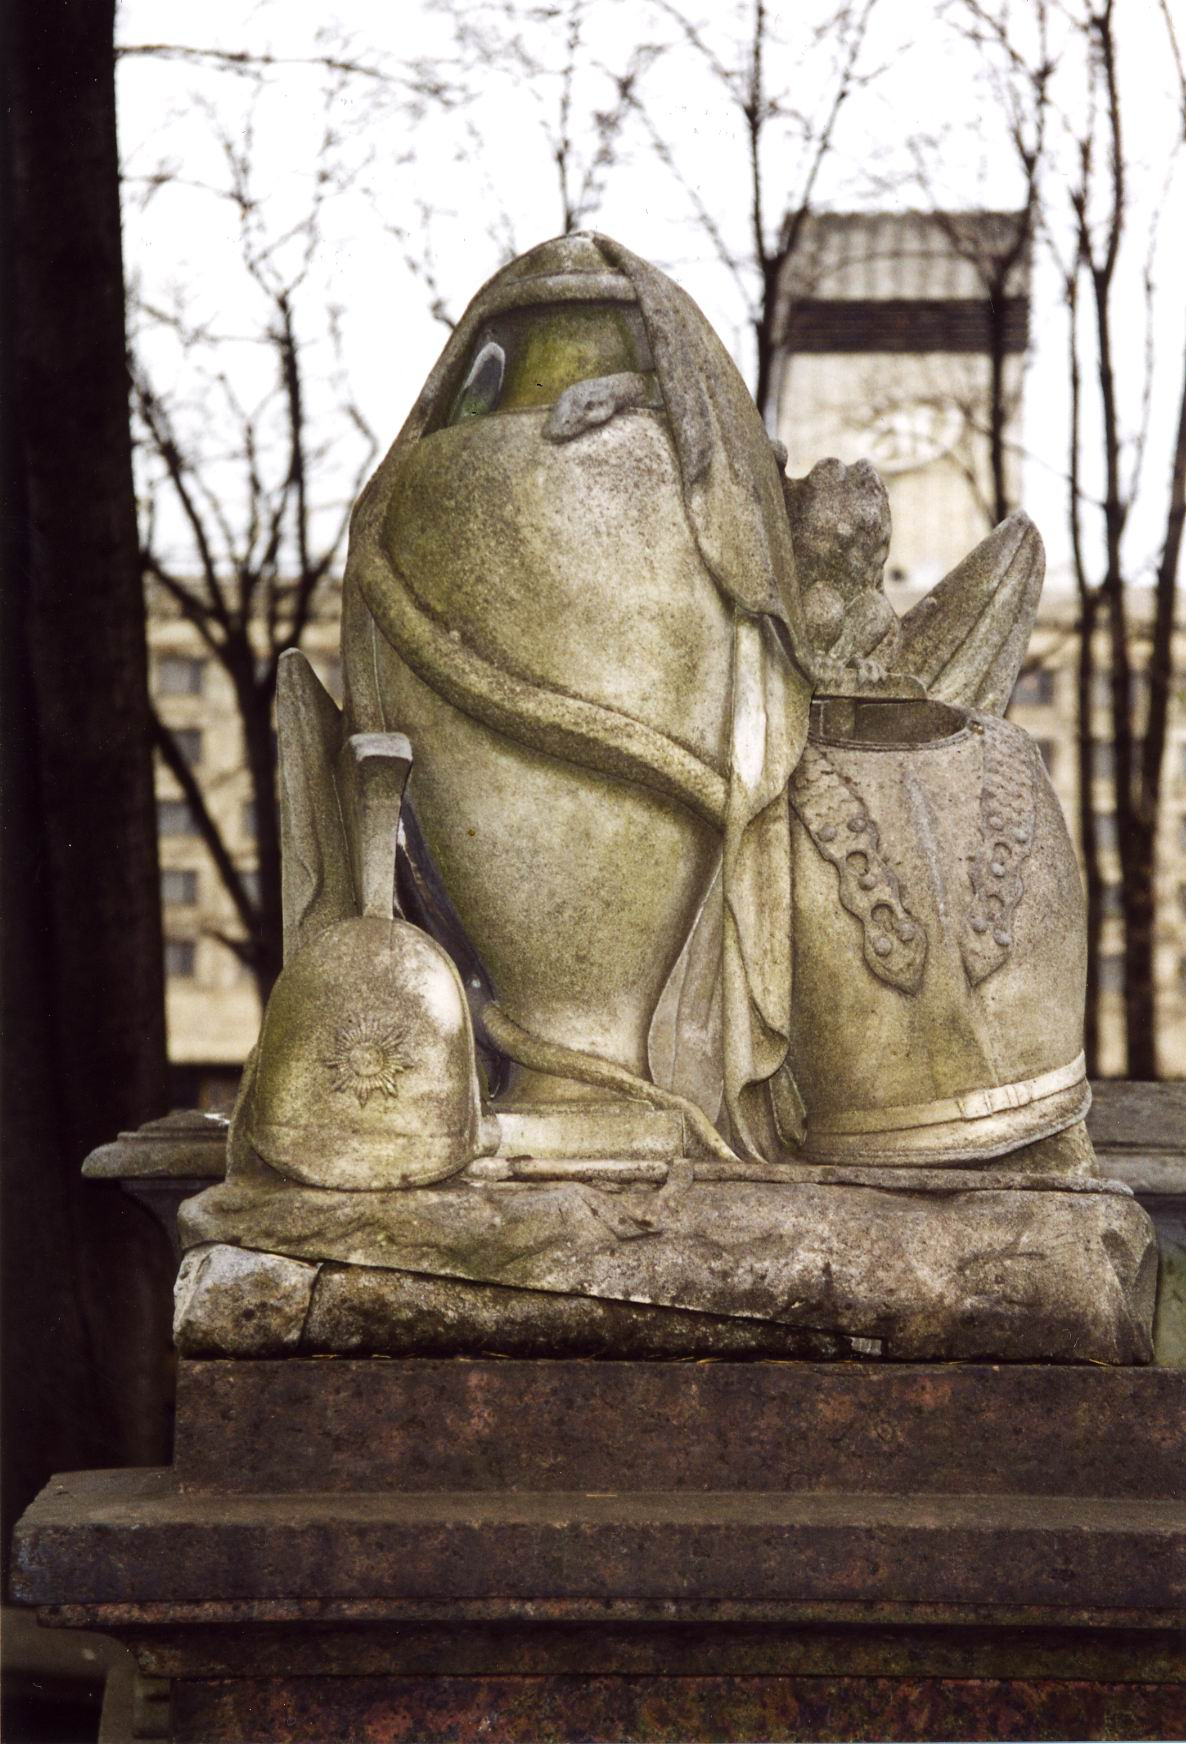 Скульптурная композиция из белого, мелко-, среднезернистого мрамора. Южная сторона. Виден налет из атмосферных грязевых отложений и налетов биологического происхождения.  Фото ноября 2003 г.